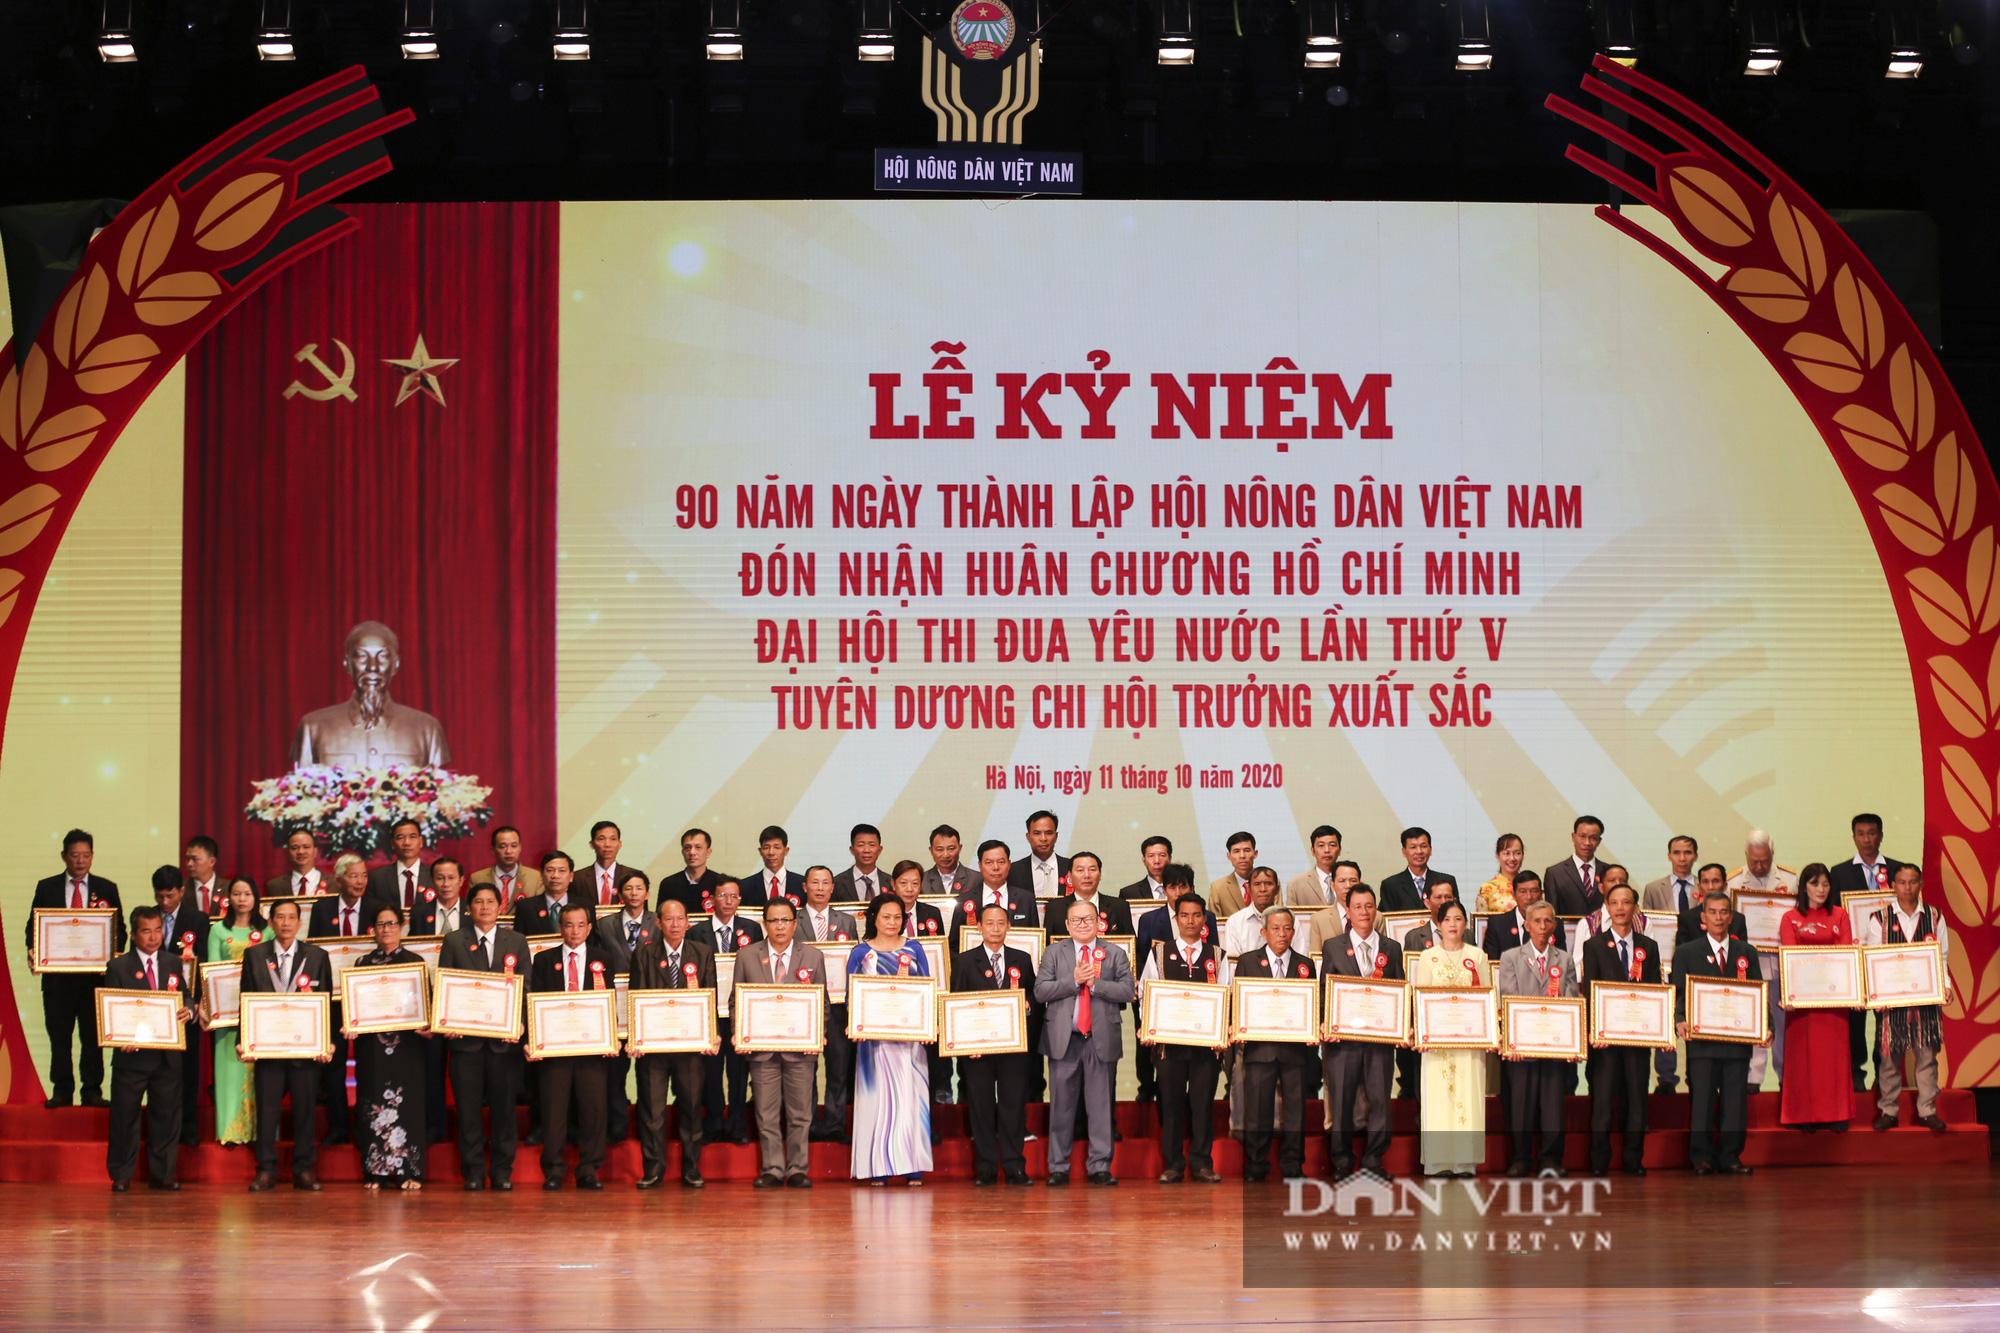 Nhiều nông dân tiêu biểu được Chủ tịch nước tặng thưởng Huân chương lao động - Ảnh 2.